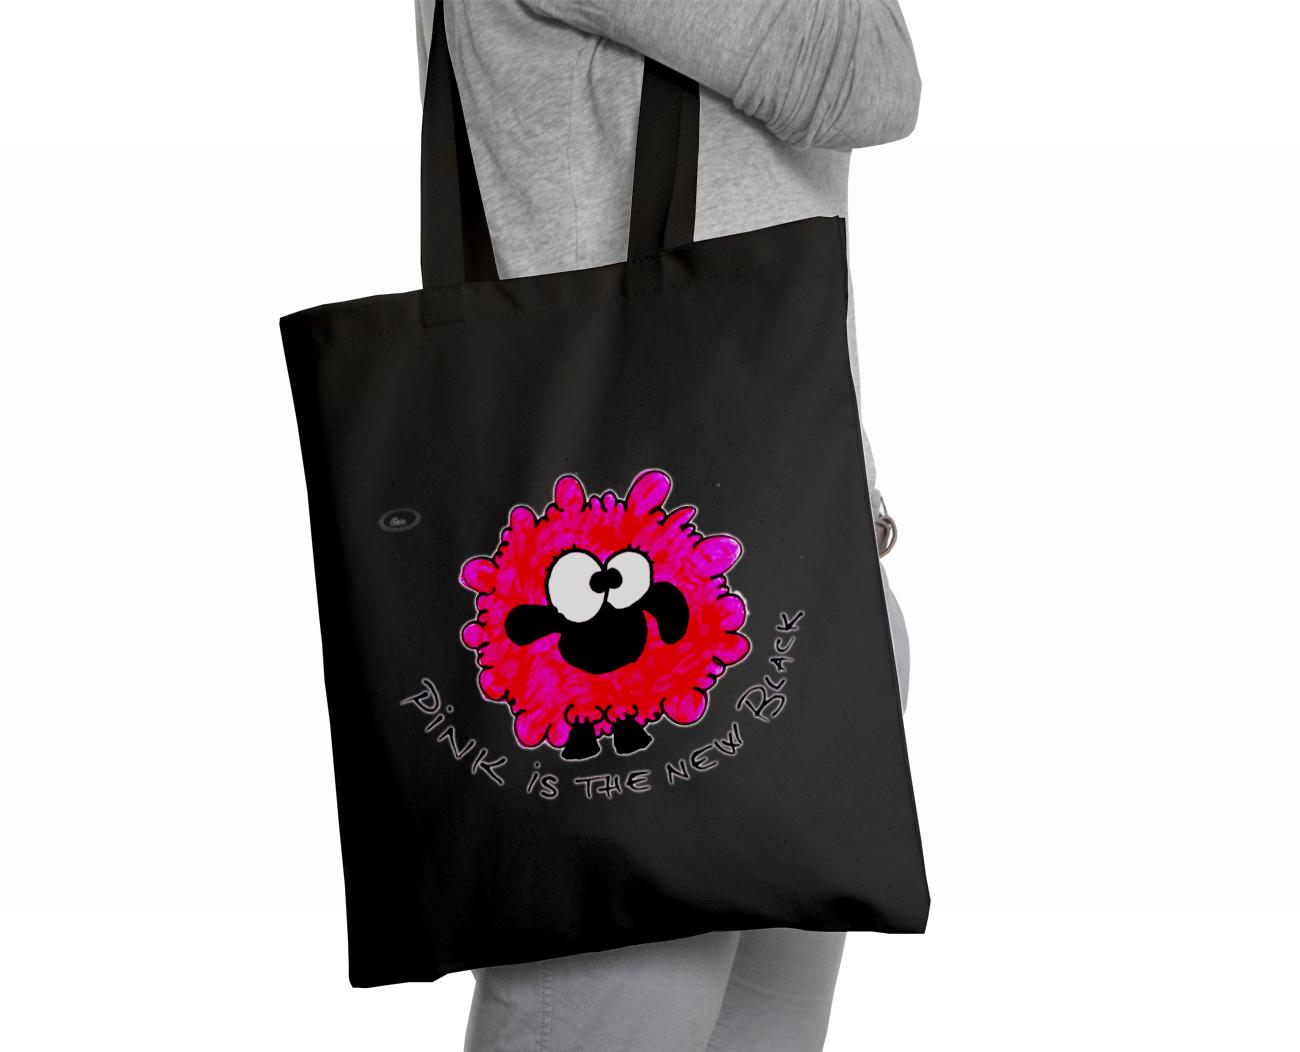 Sacoșă neagră Oaia roz - Lullula - 29.99 LEI |  PRINTCENTER - Tipar digital, offset, indoor, outdoor